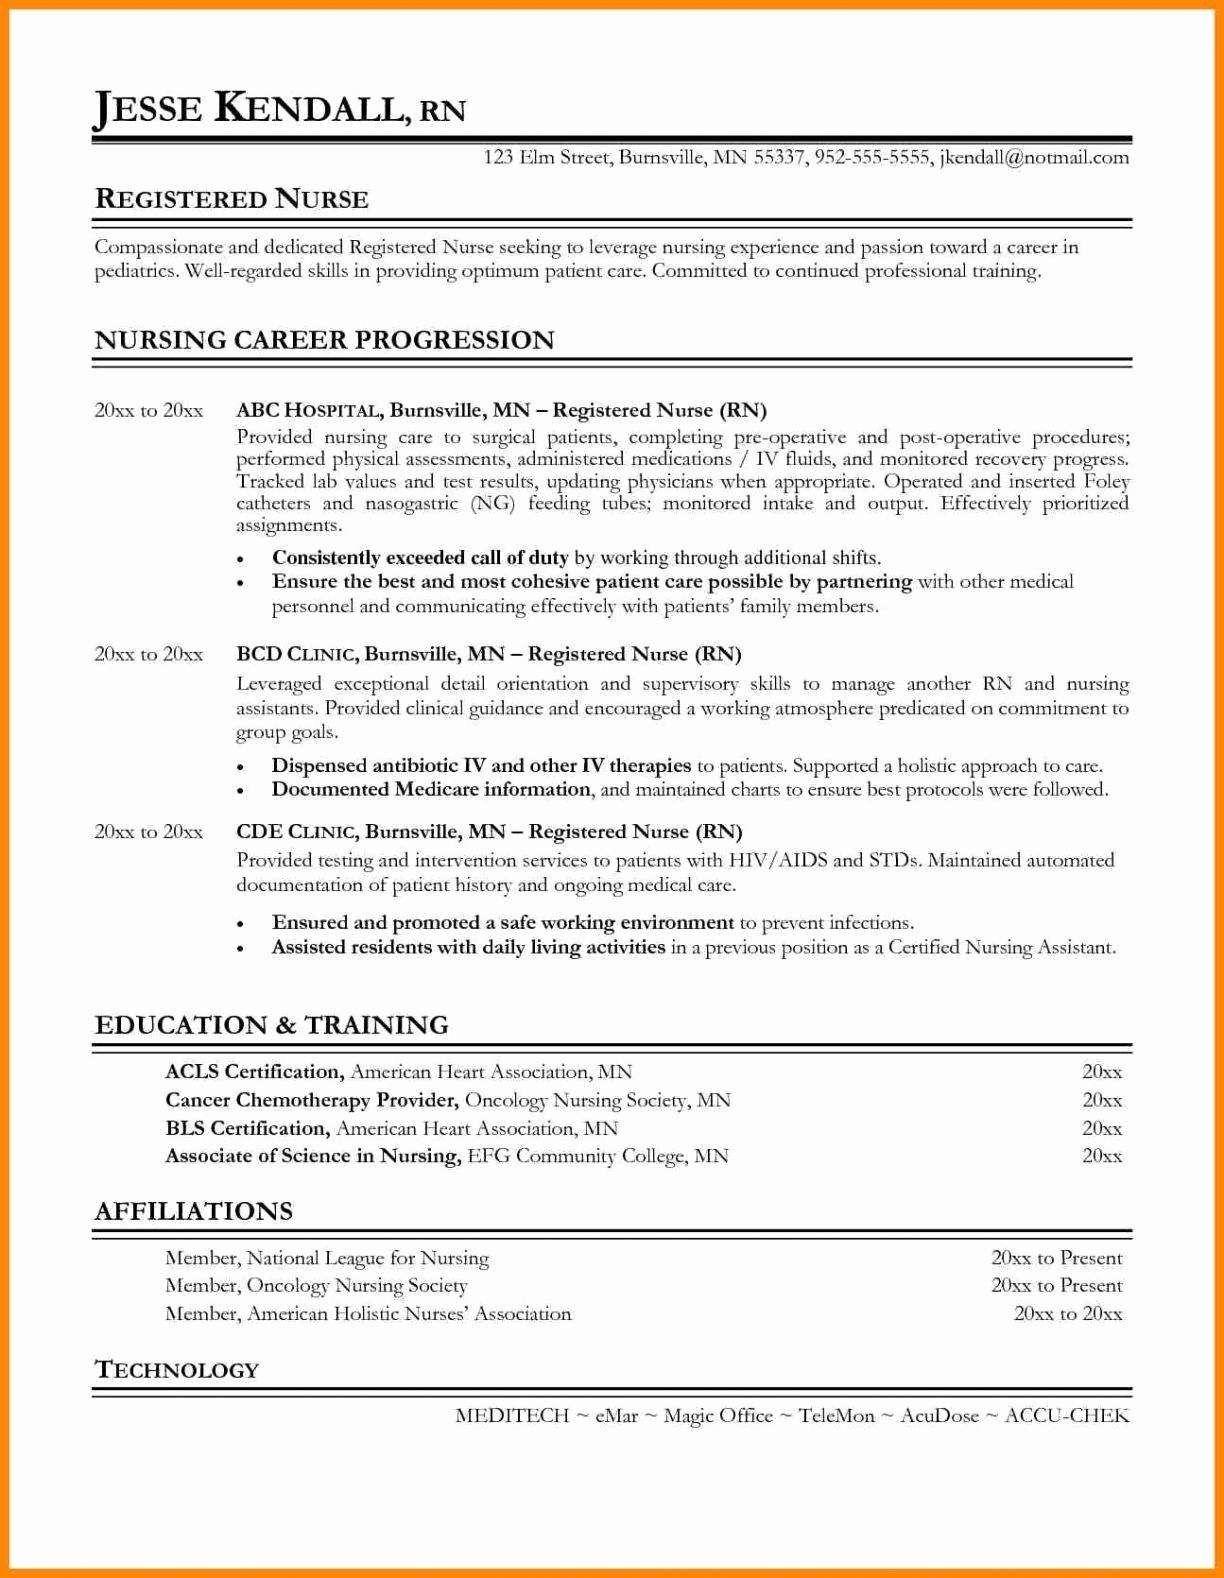 Things To Highlight On A Nurse Resume New Grad Nursing Resume Template Nursing Resume Examples Registered Nurse Resume